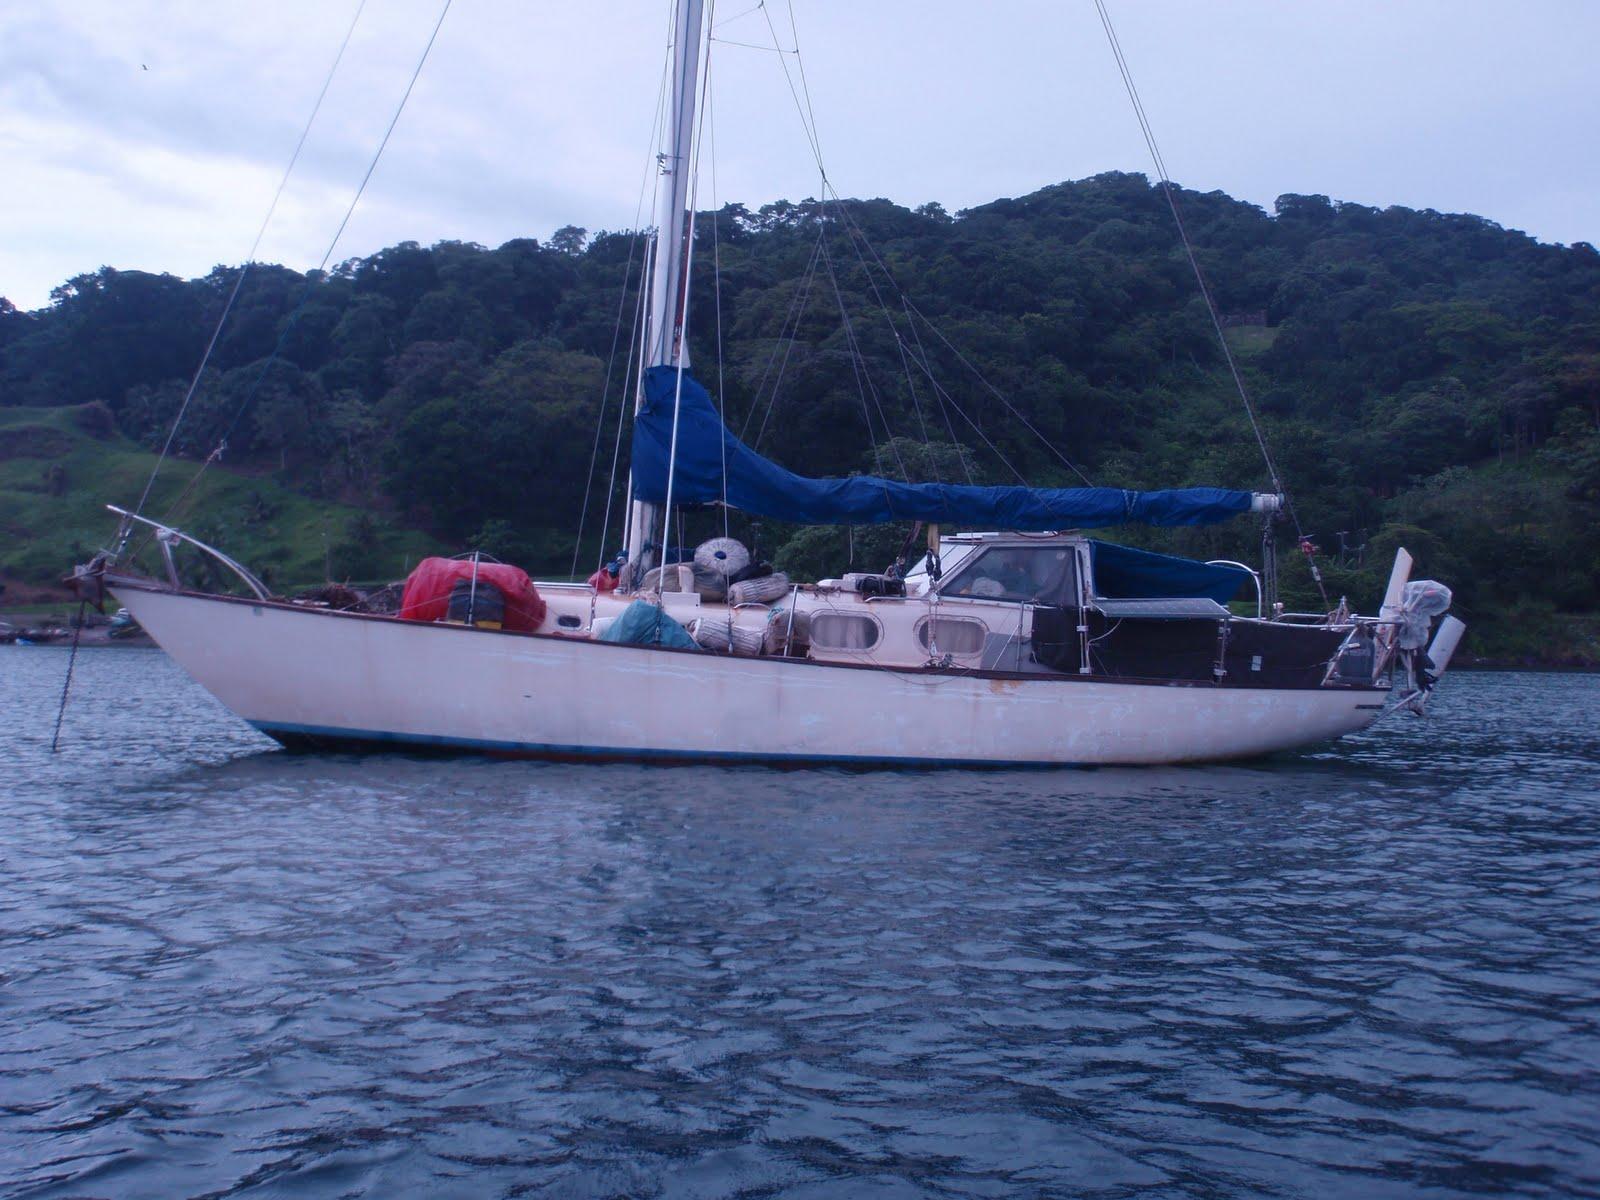 Sailing a Pearson Alberg 35: Sailing the San Blas